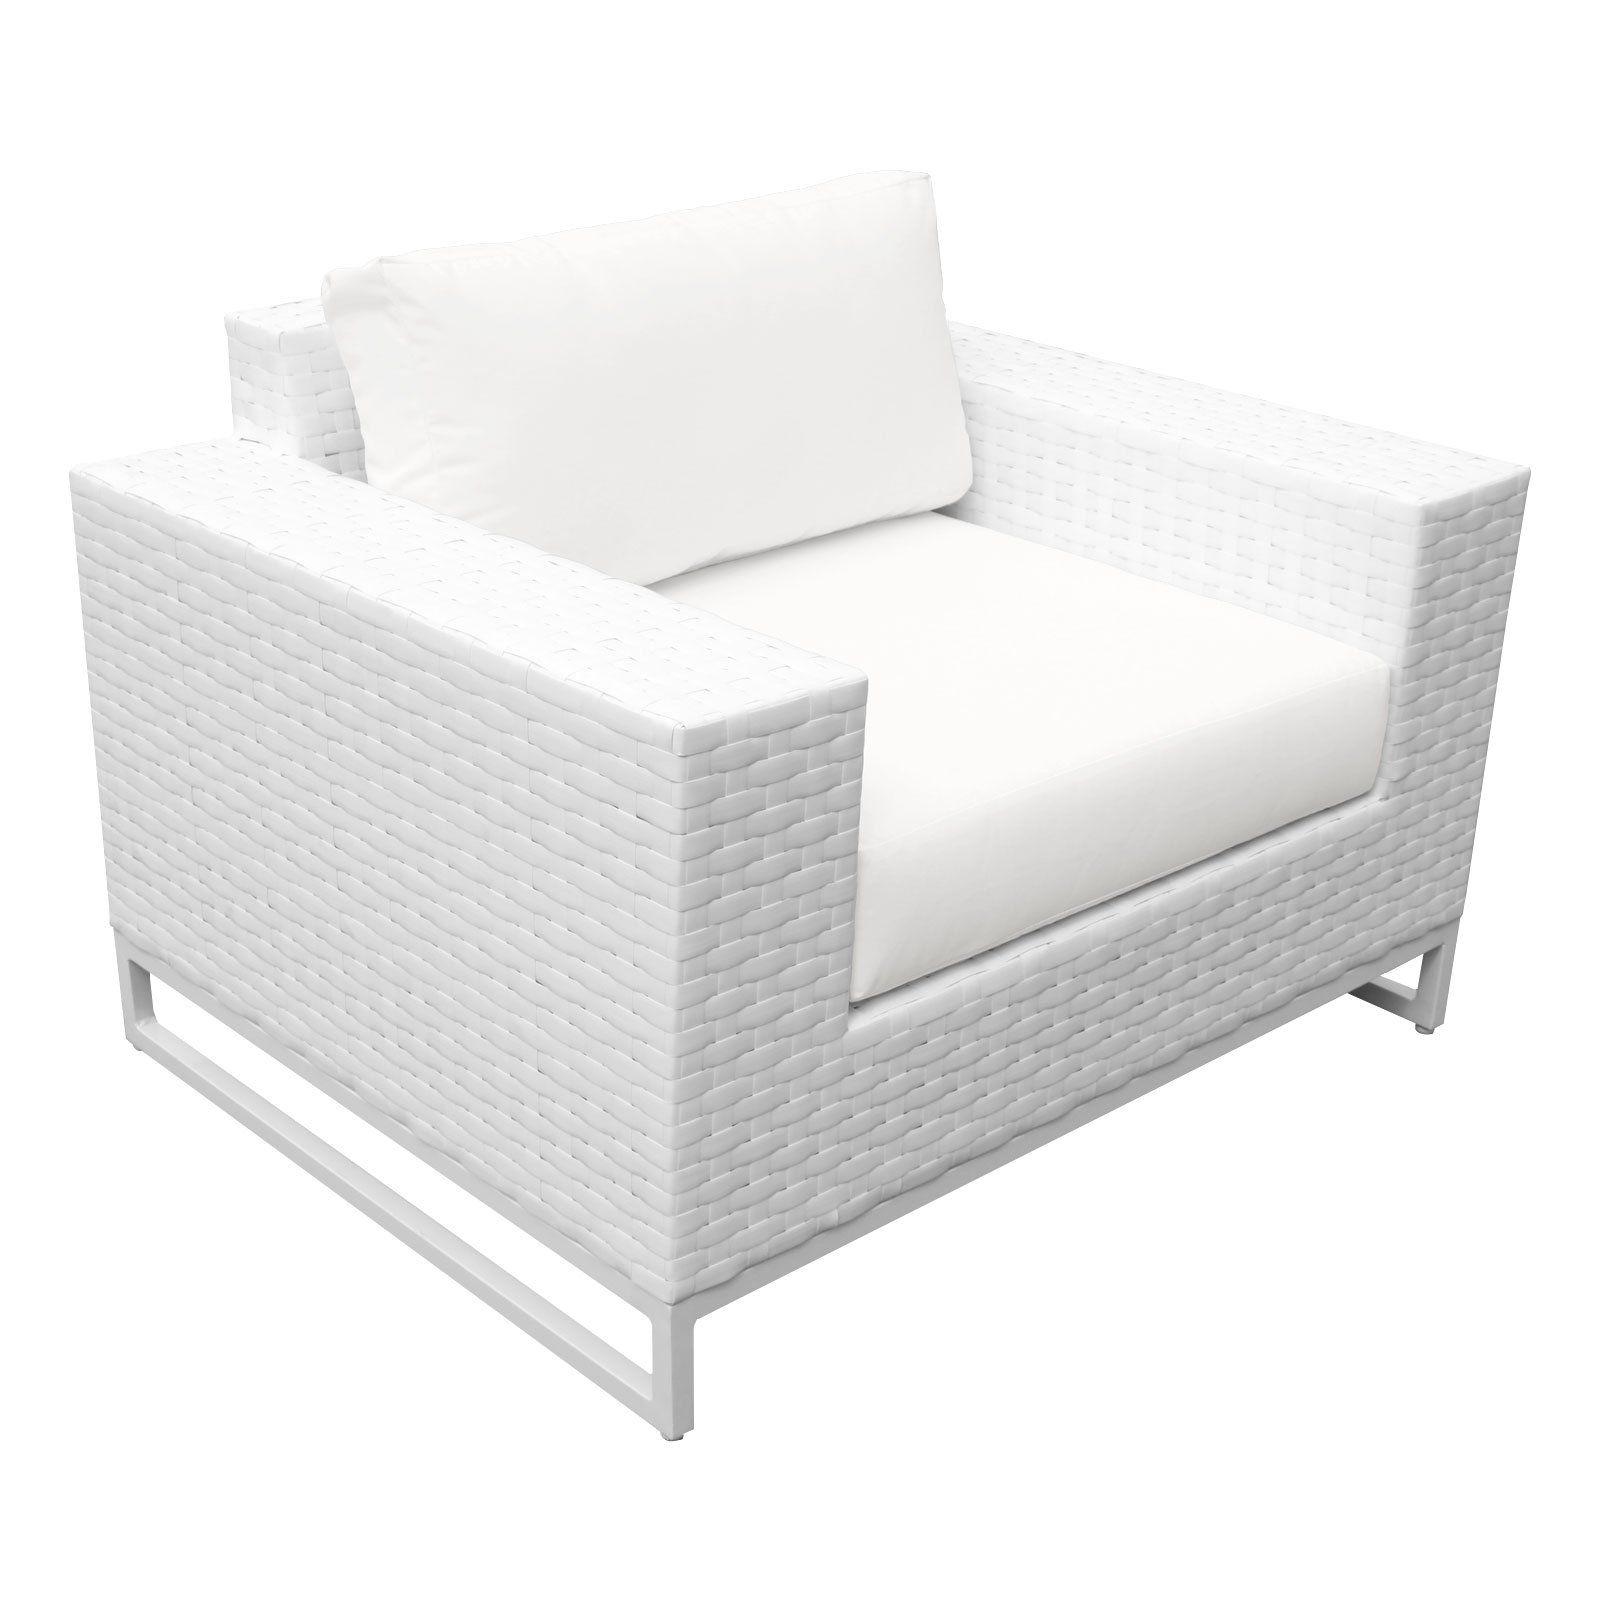 tk classics miami07h miami 7 piece outdoor wicker patio furniture rh pinterest com